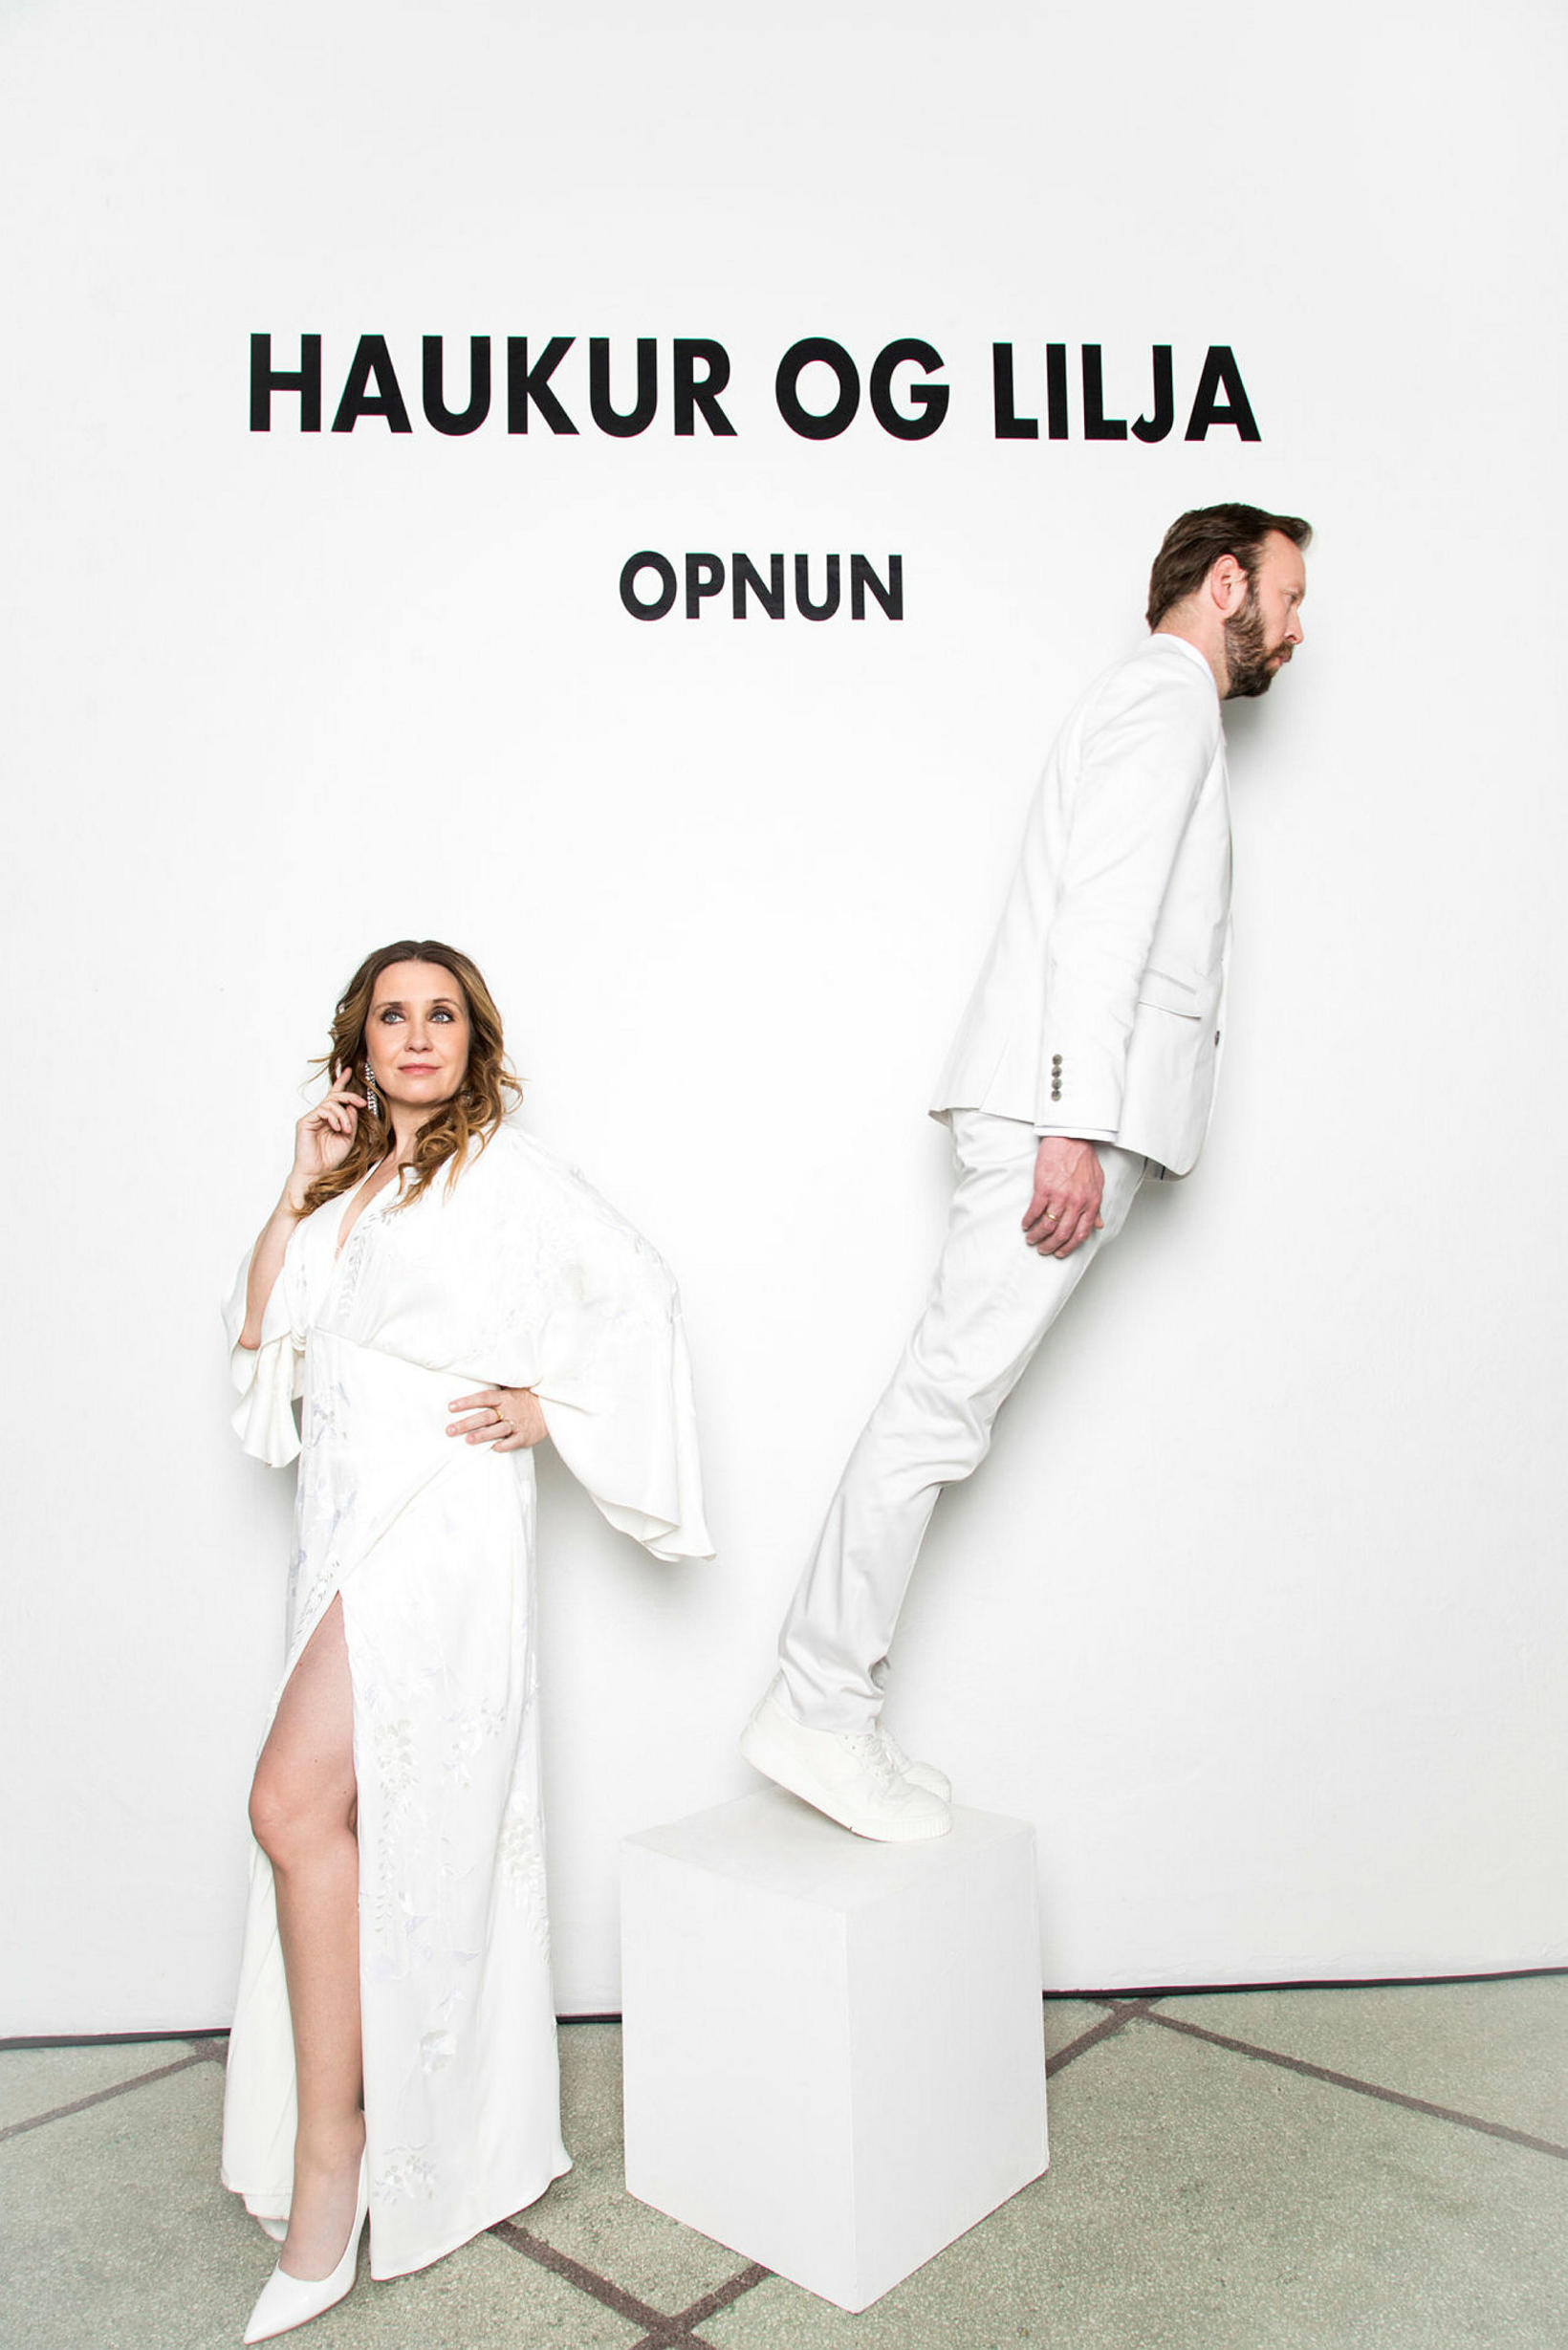 Haukur og Lilja - Opnun hlýtur sex tilnefningar til Grímunnar.